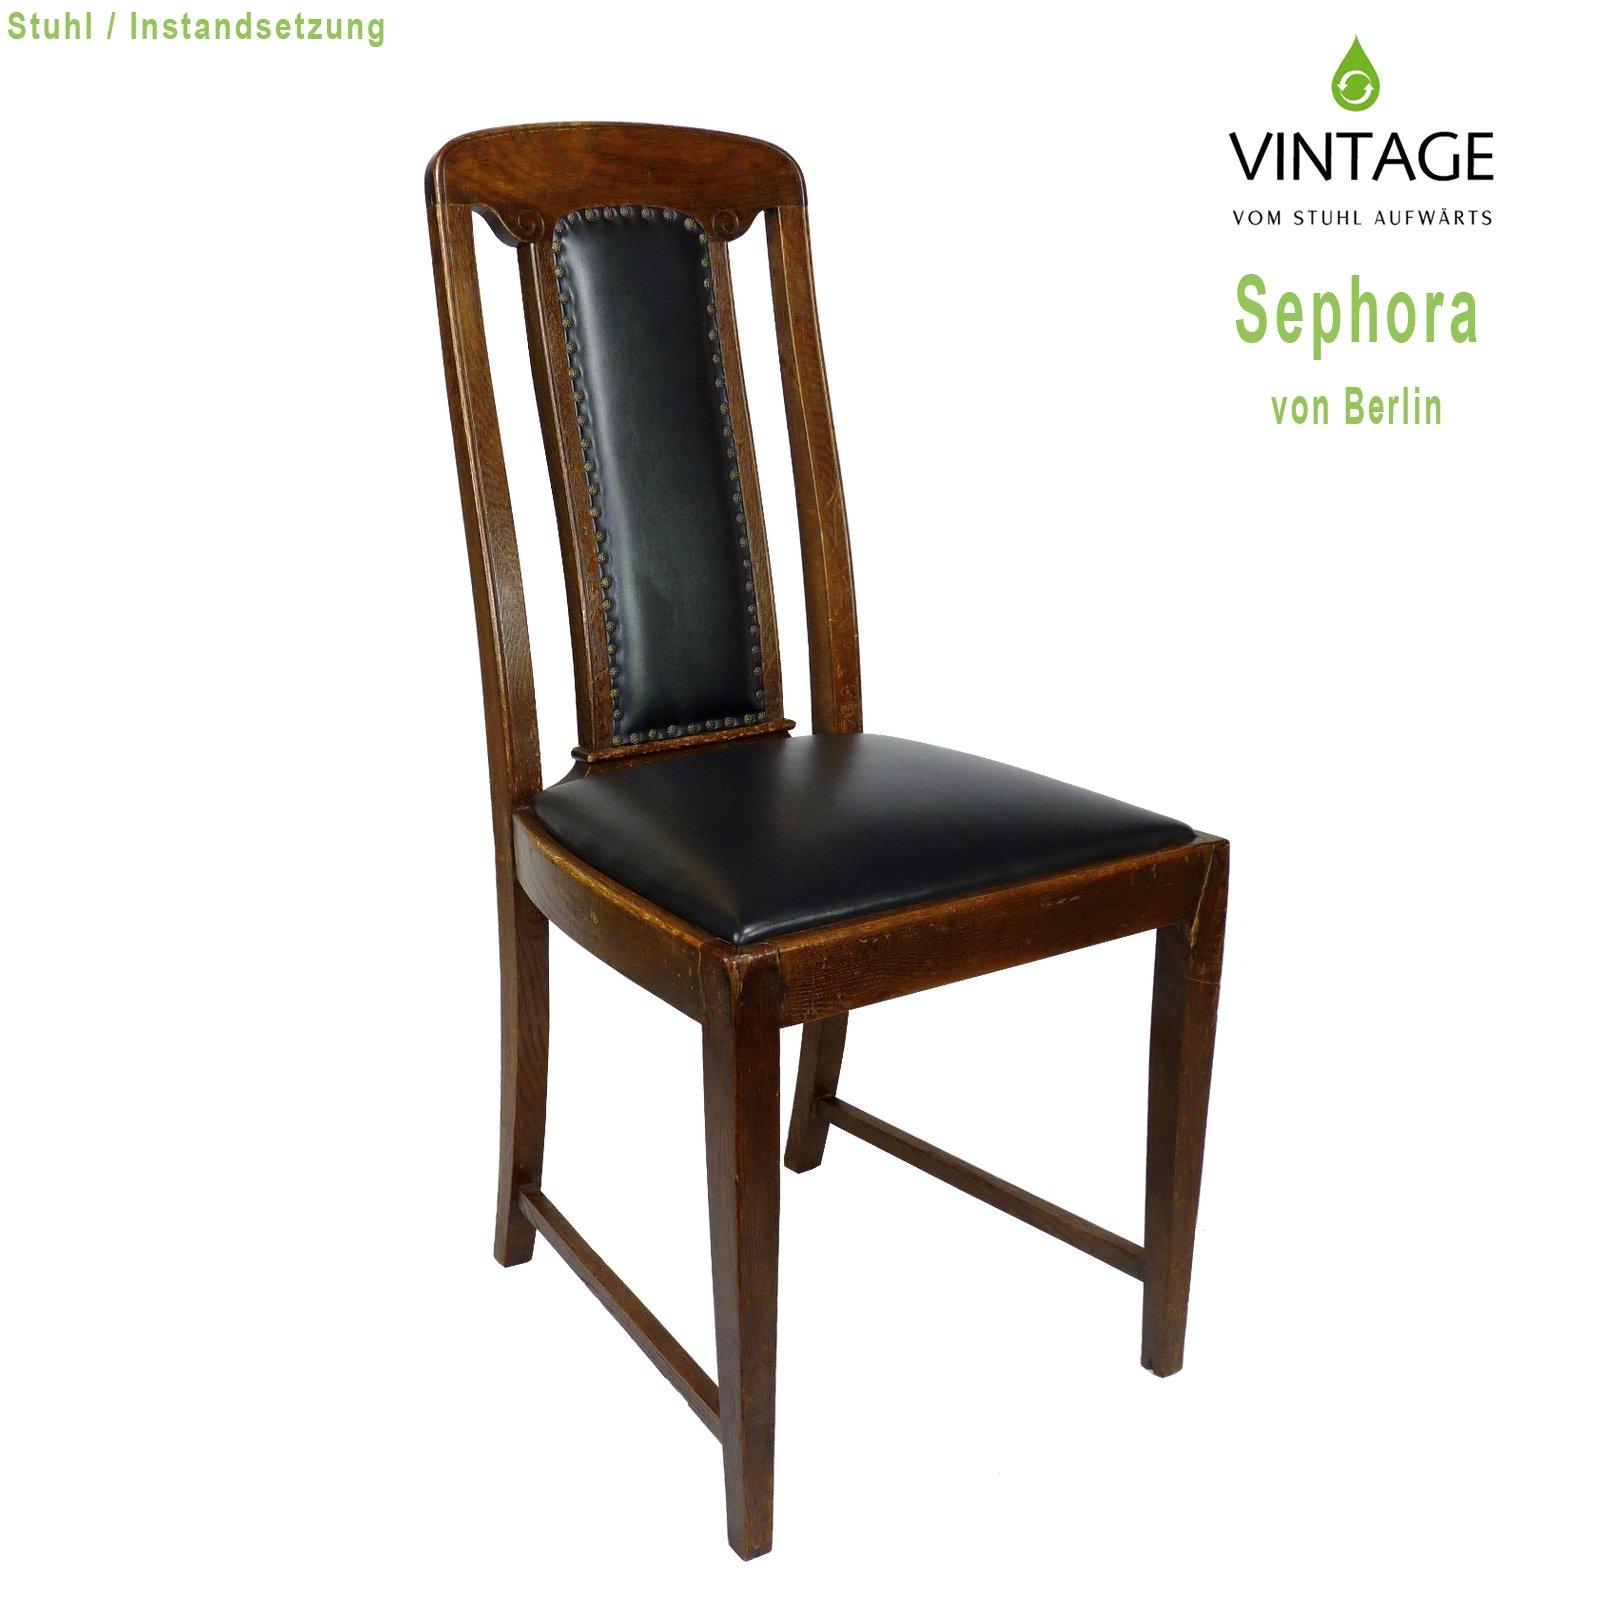 Vintage Stuhl - Sephora von Berlin